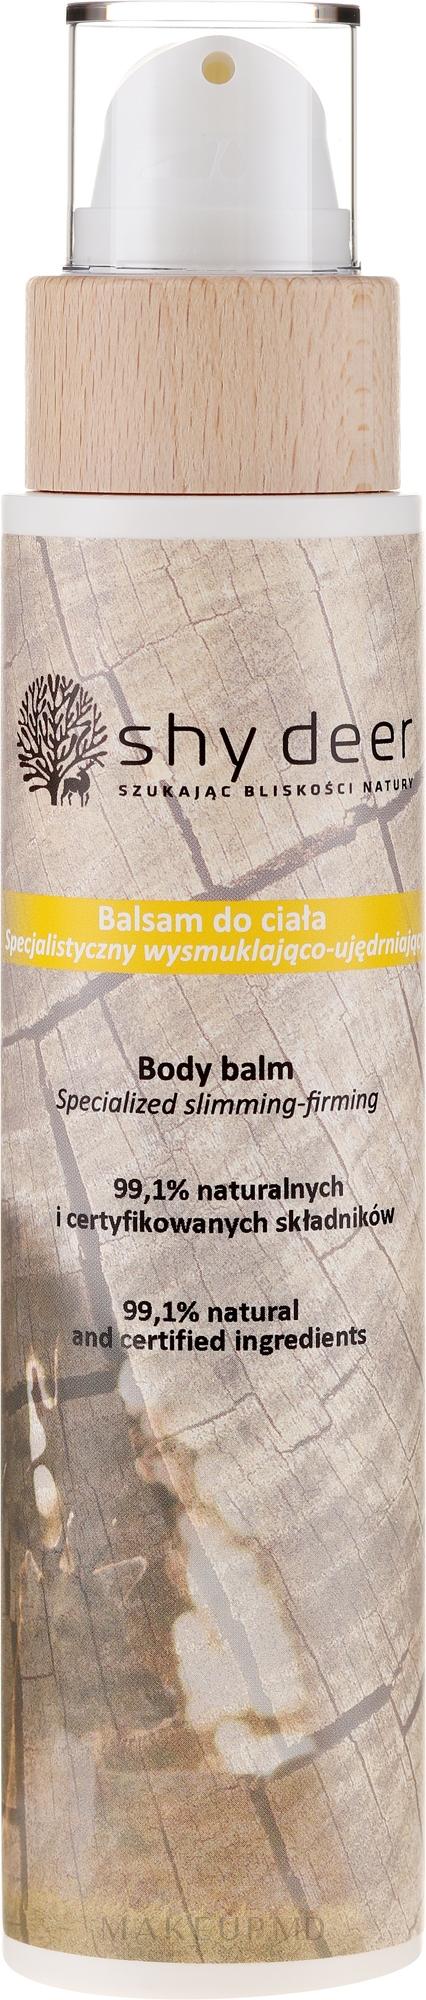 balsam balm utilizează pentru pierderea în greutate)